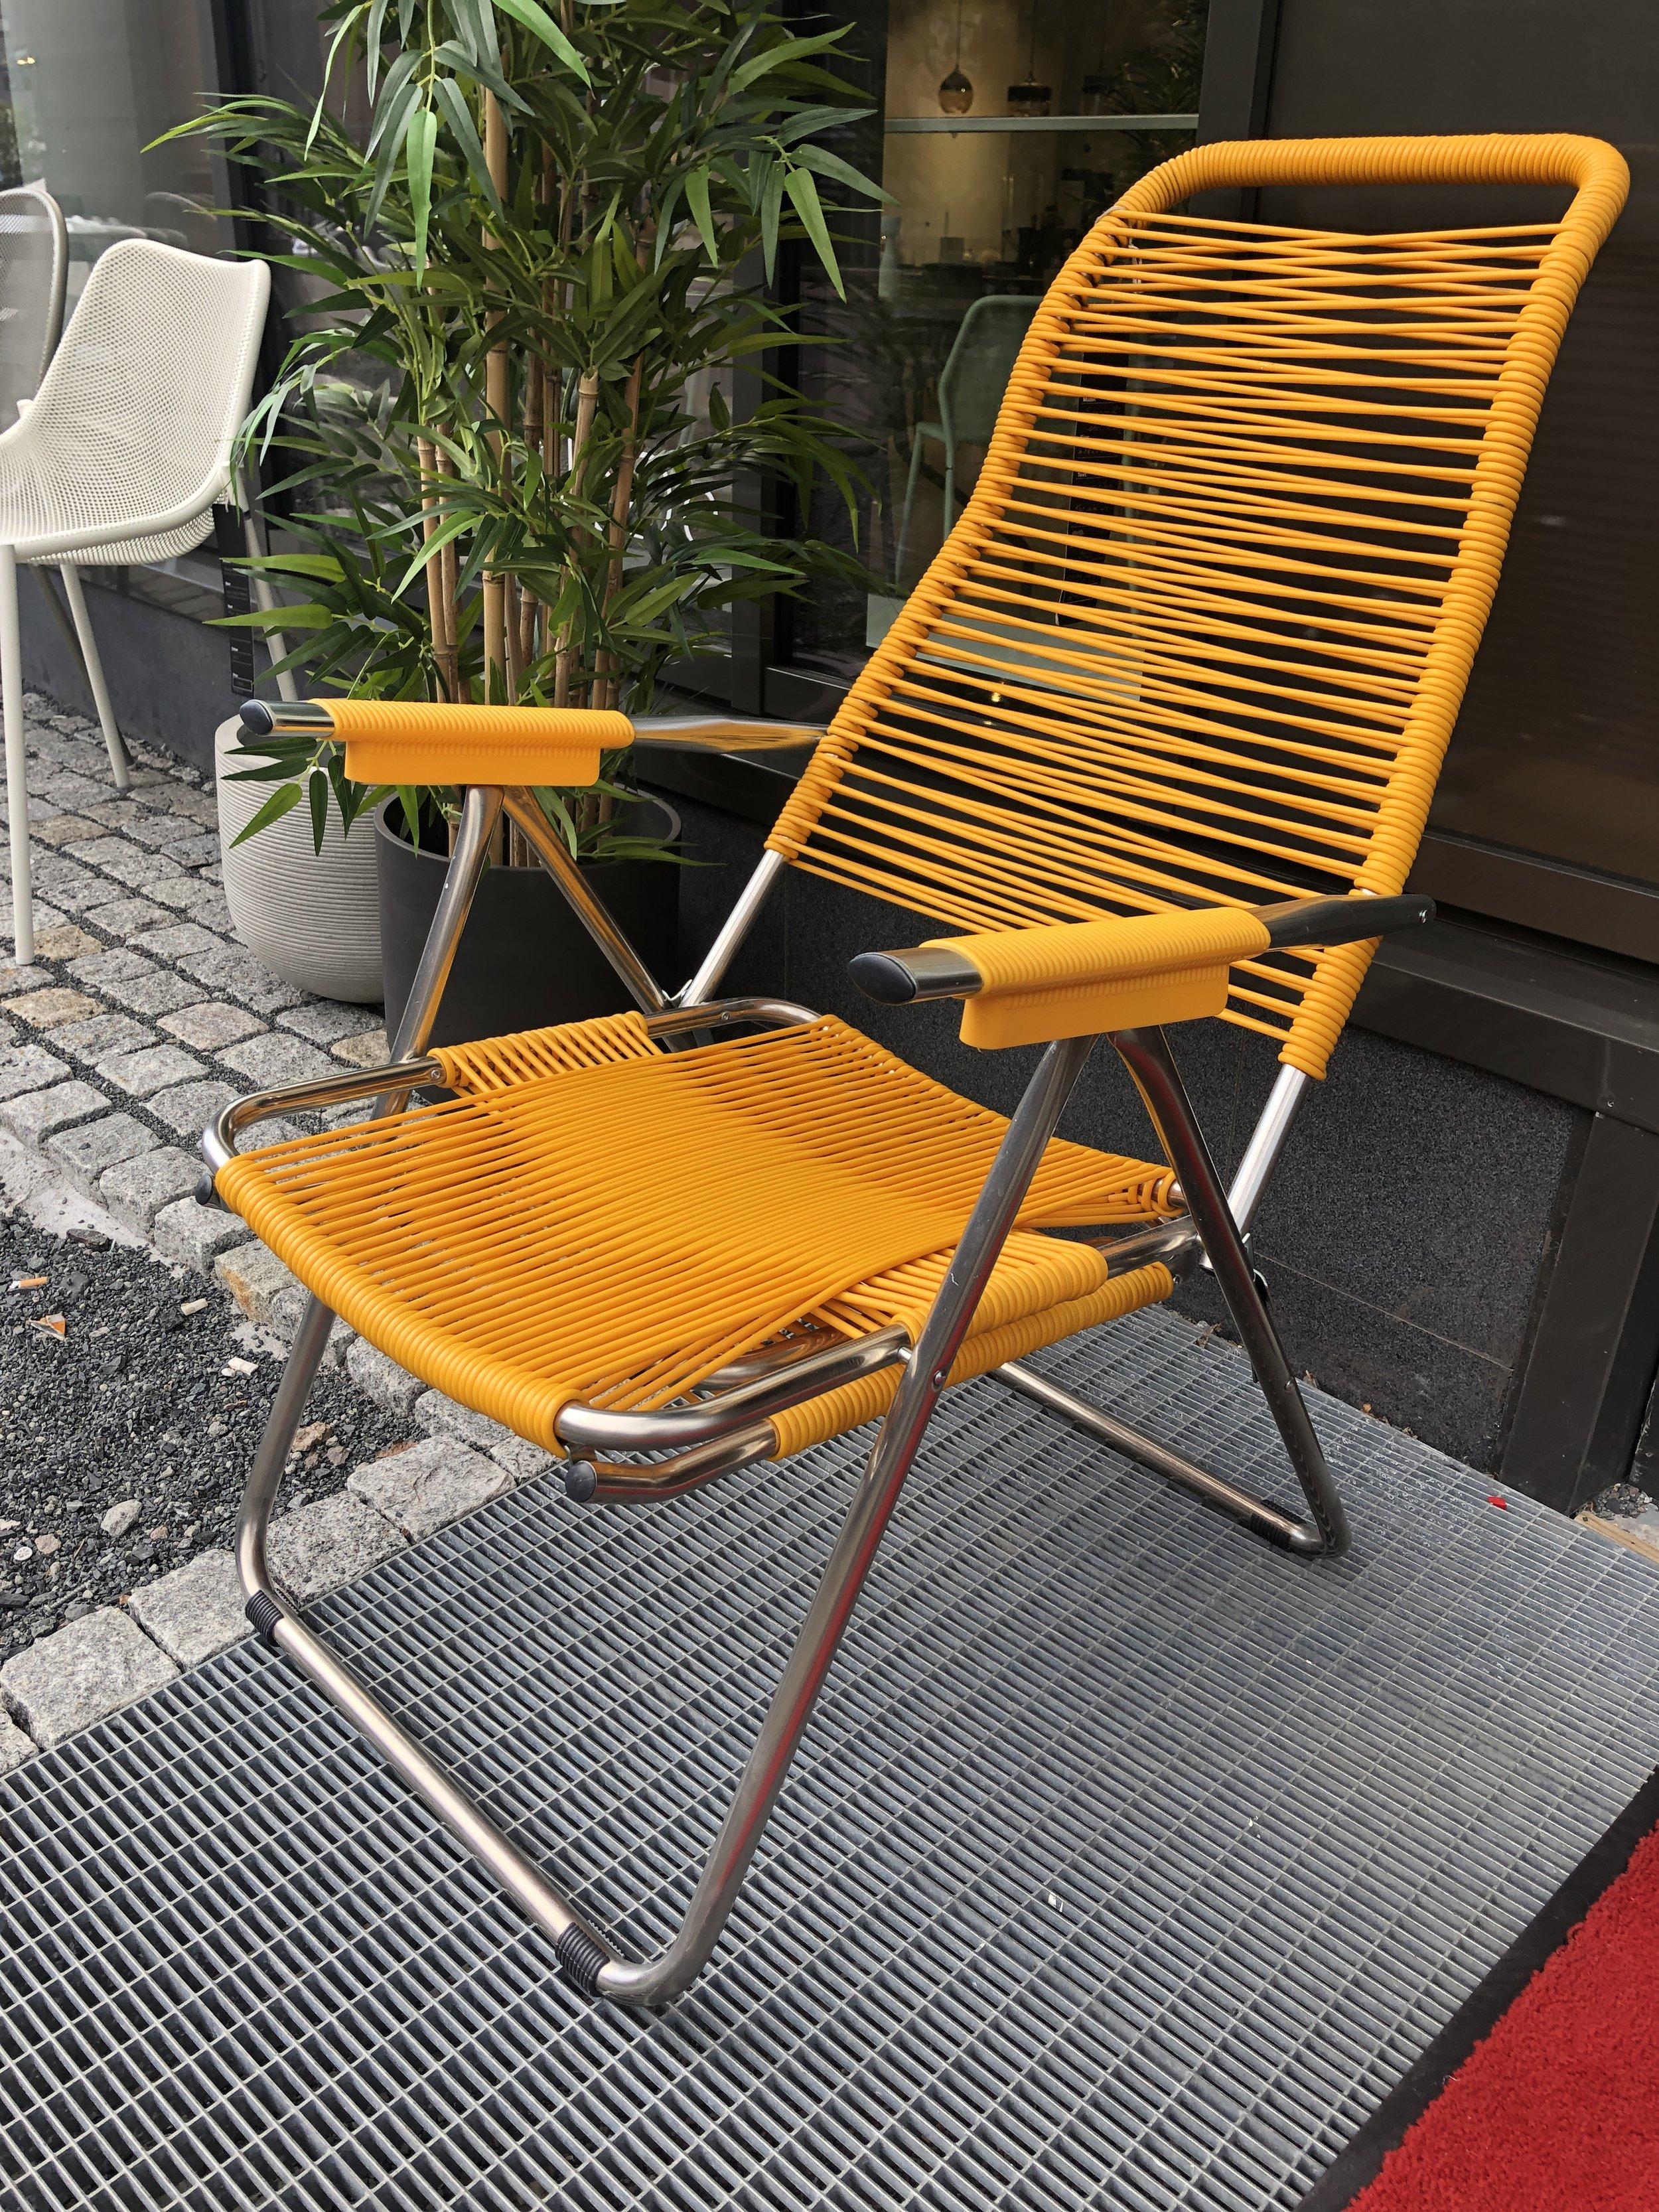 Spaghetti stol/solstol: -**% - Finnes også i oransje/rød og grå